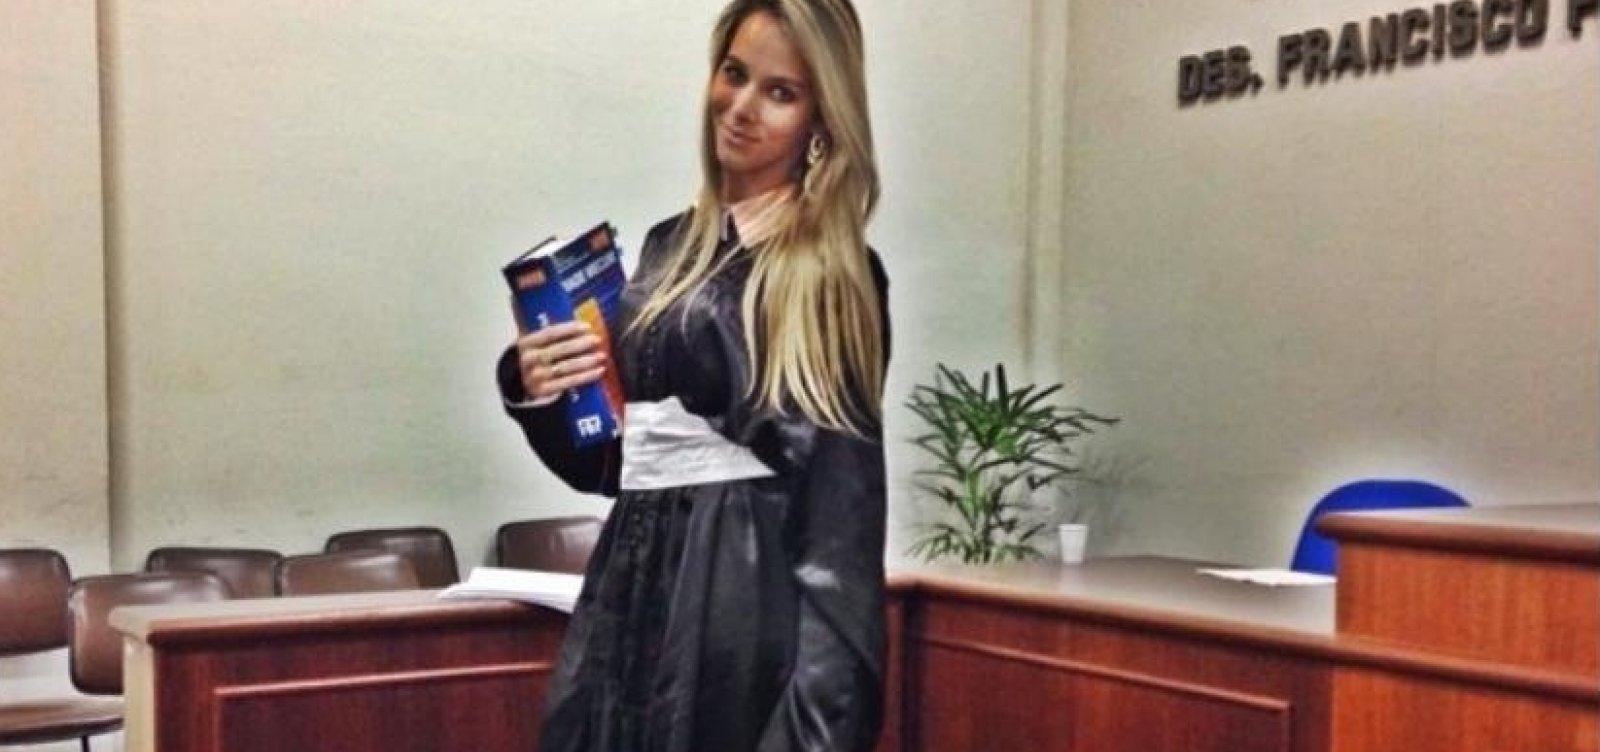 [Itabuna: Advogada denuncia divulgação de fotos falsas de nudez; OAB repudia]